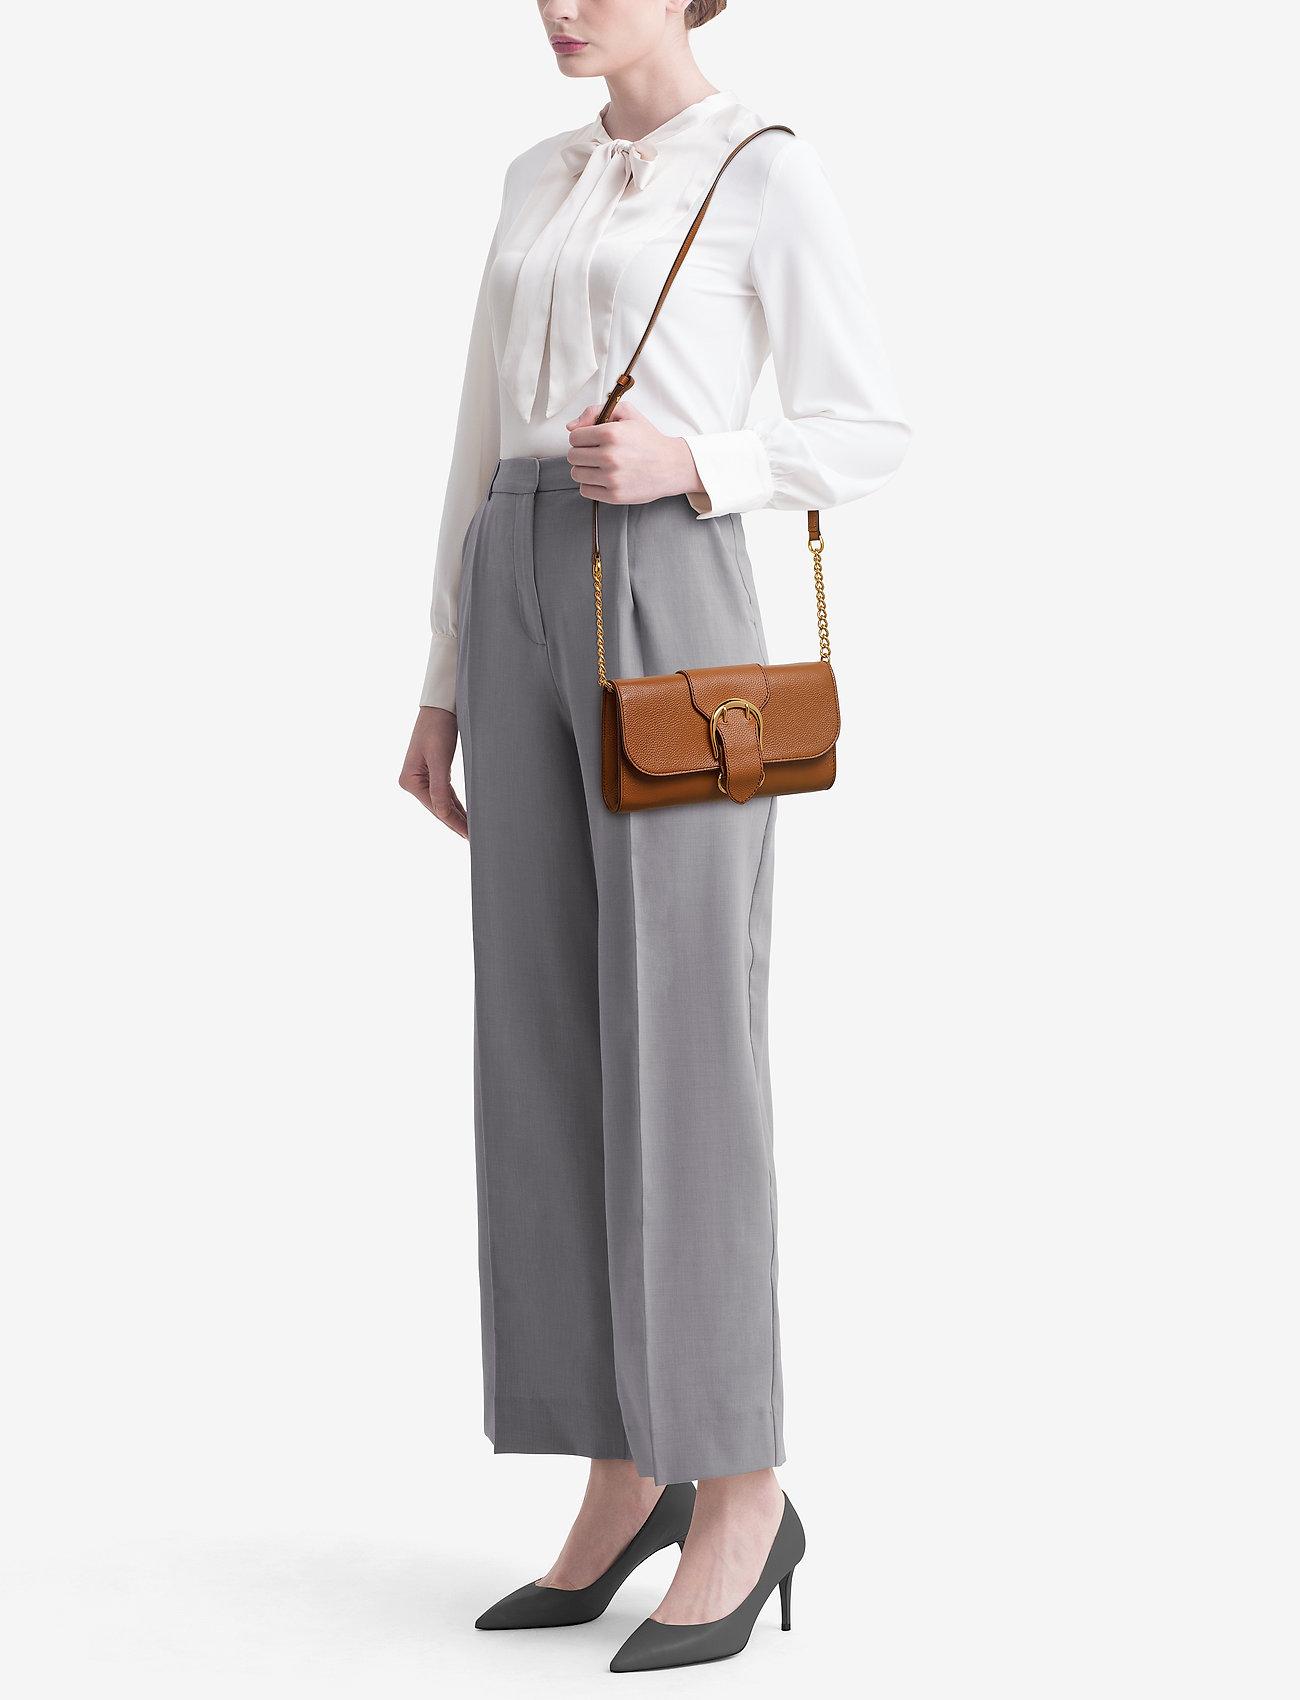 Lauren Ralph Lauren Pebbled Leather Crossbody Bag - LAUREN TAN